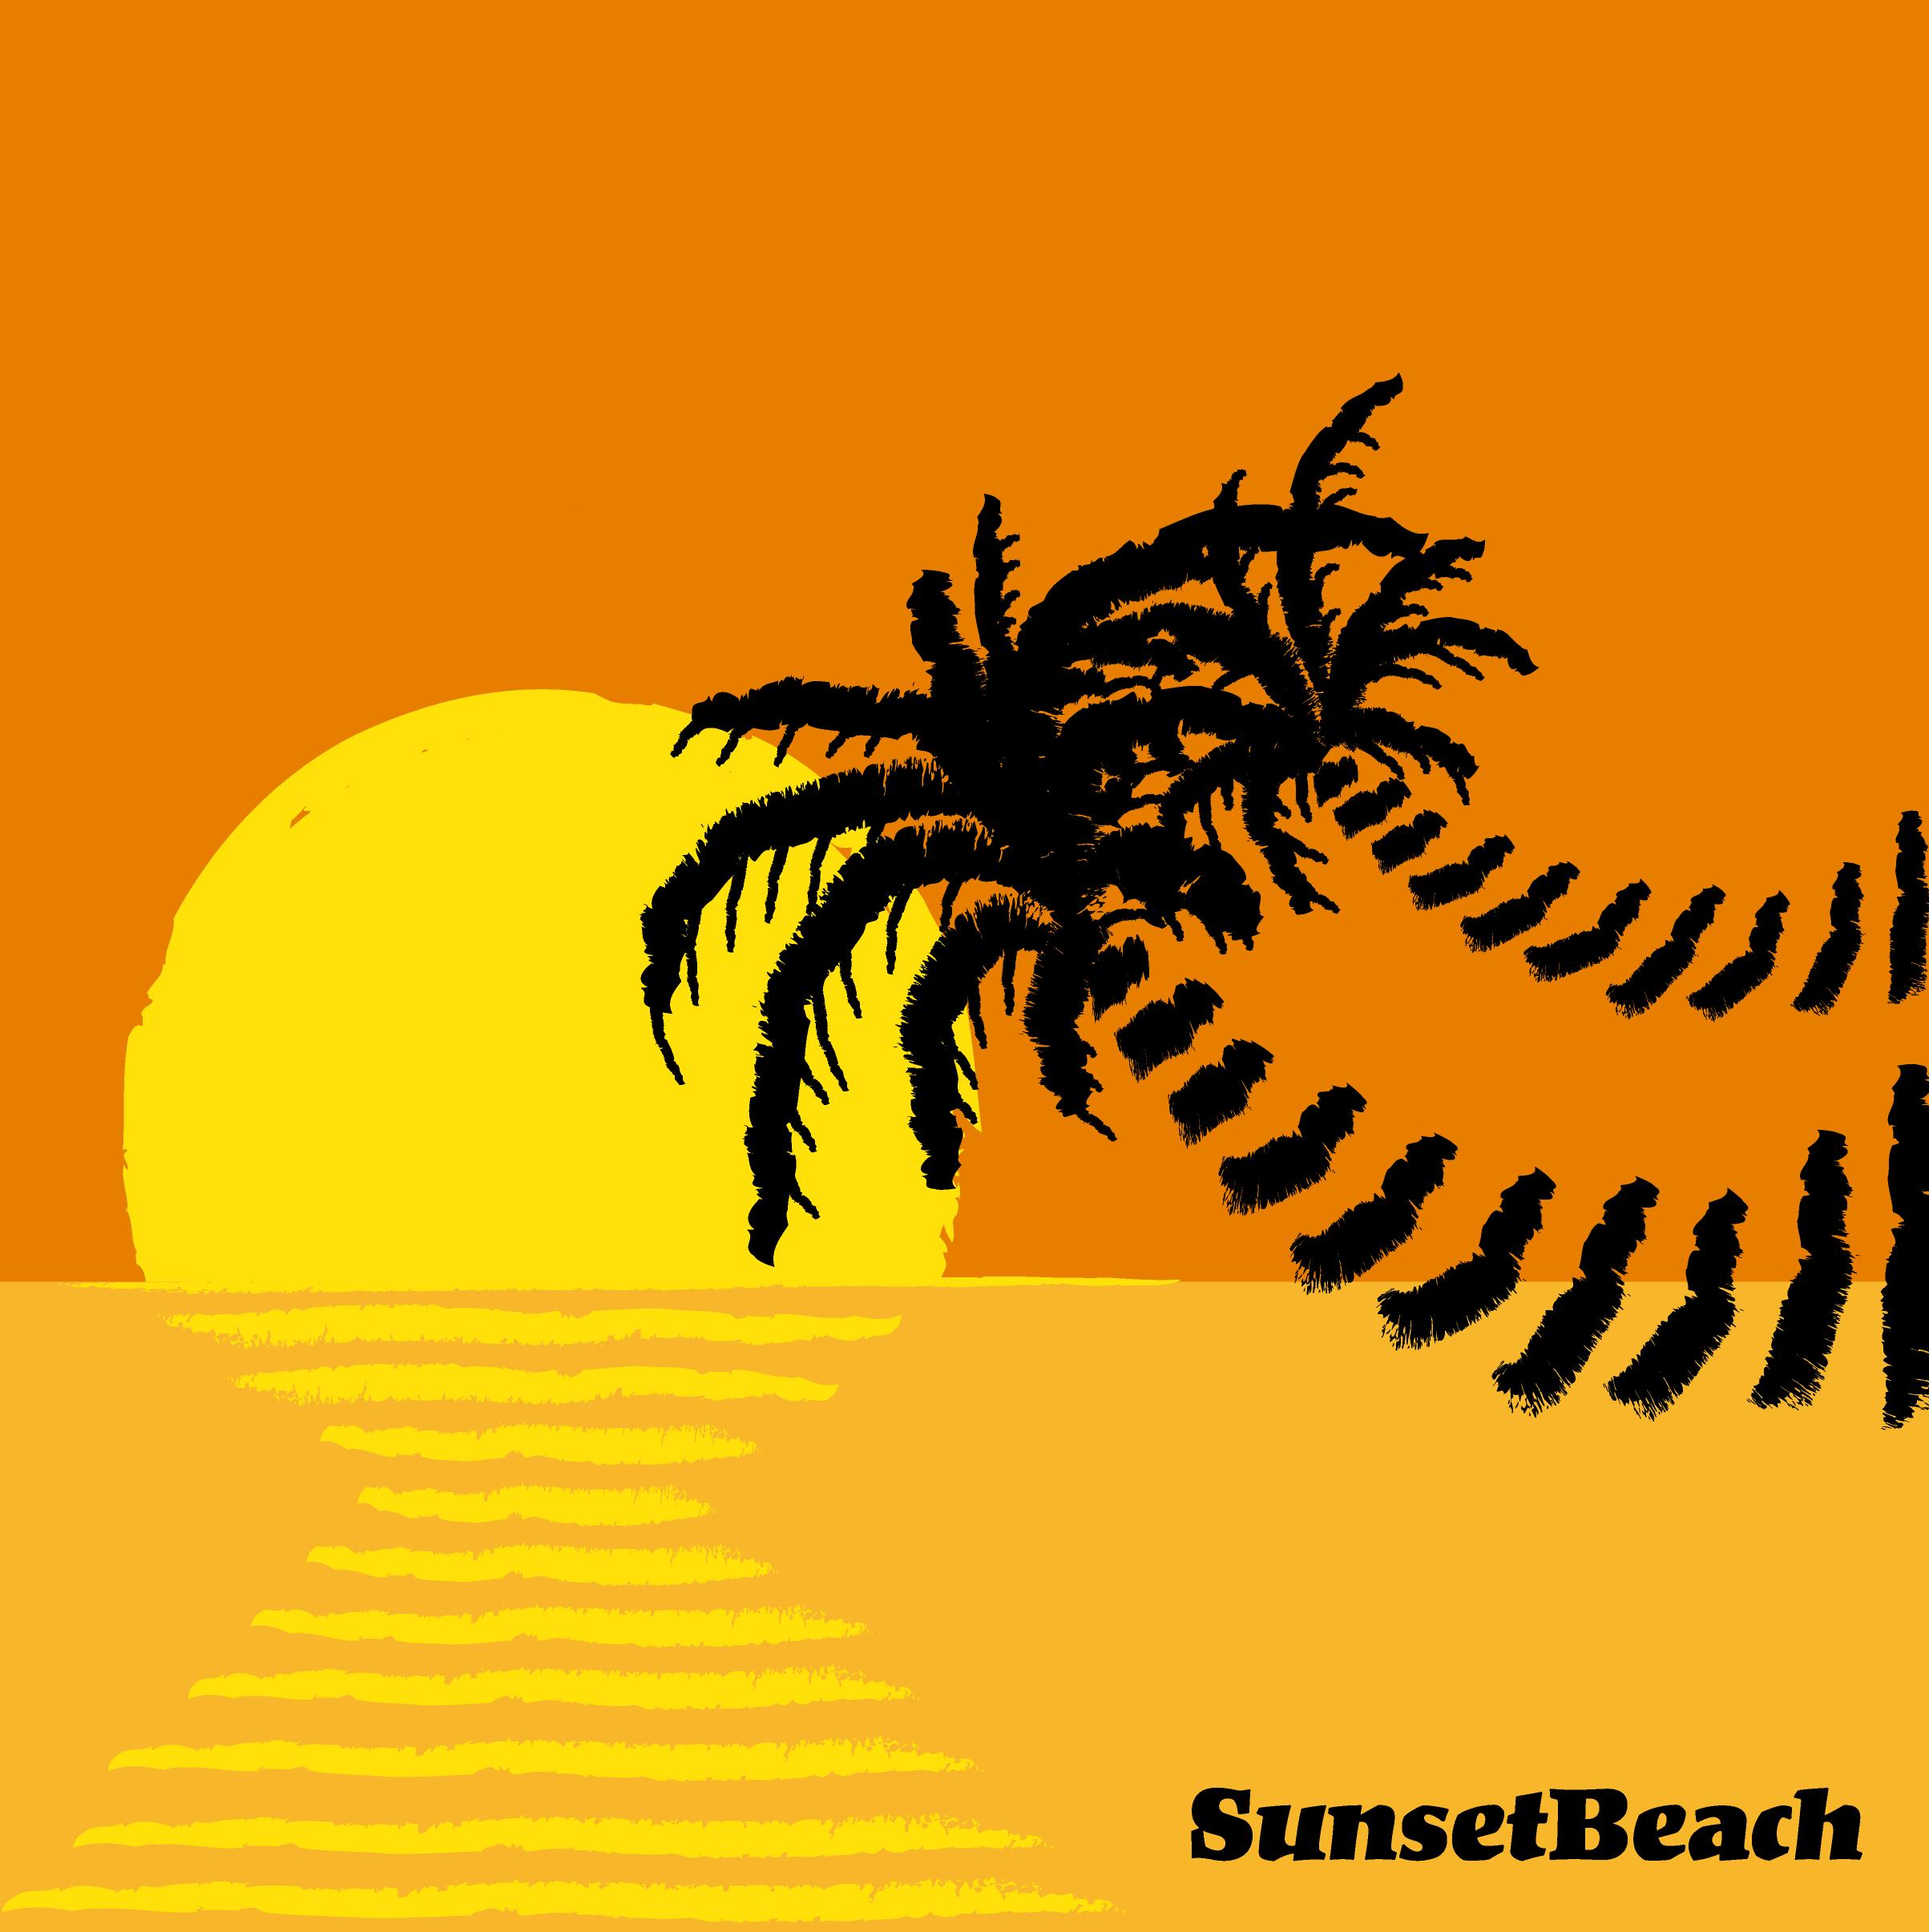 SunsetBeachジャケット:PNG